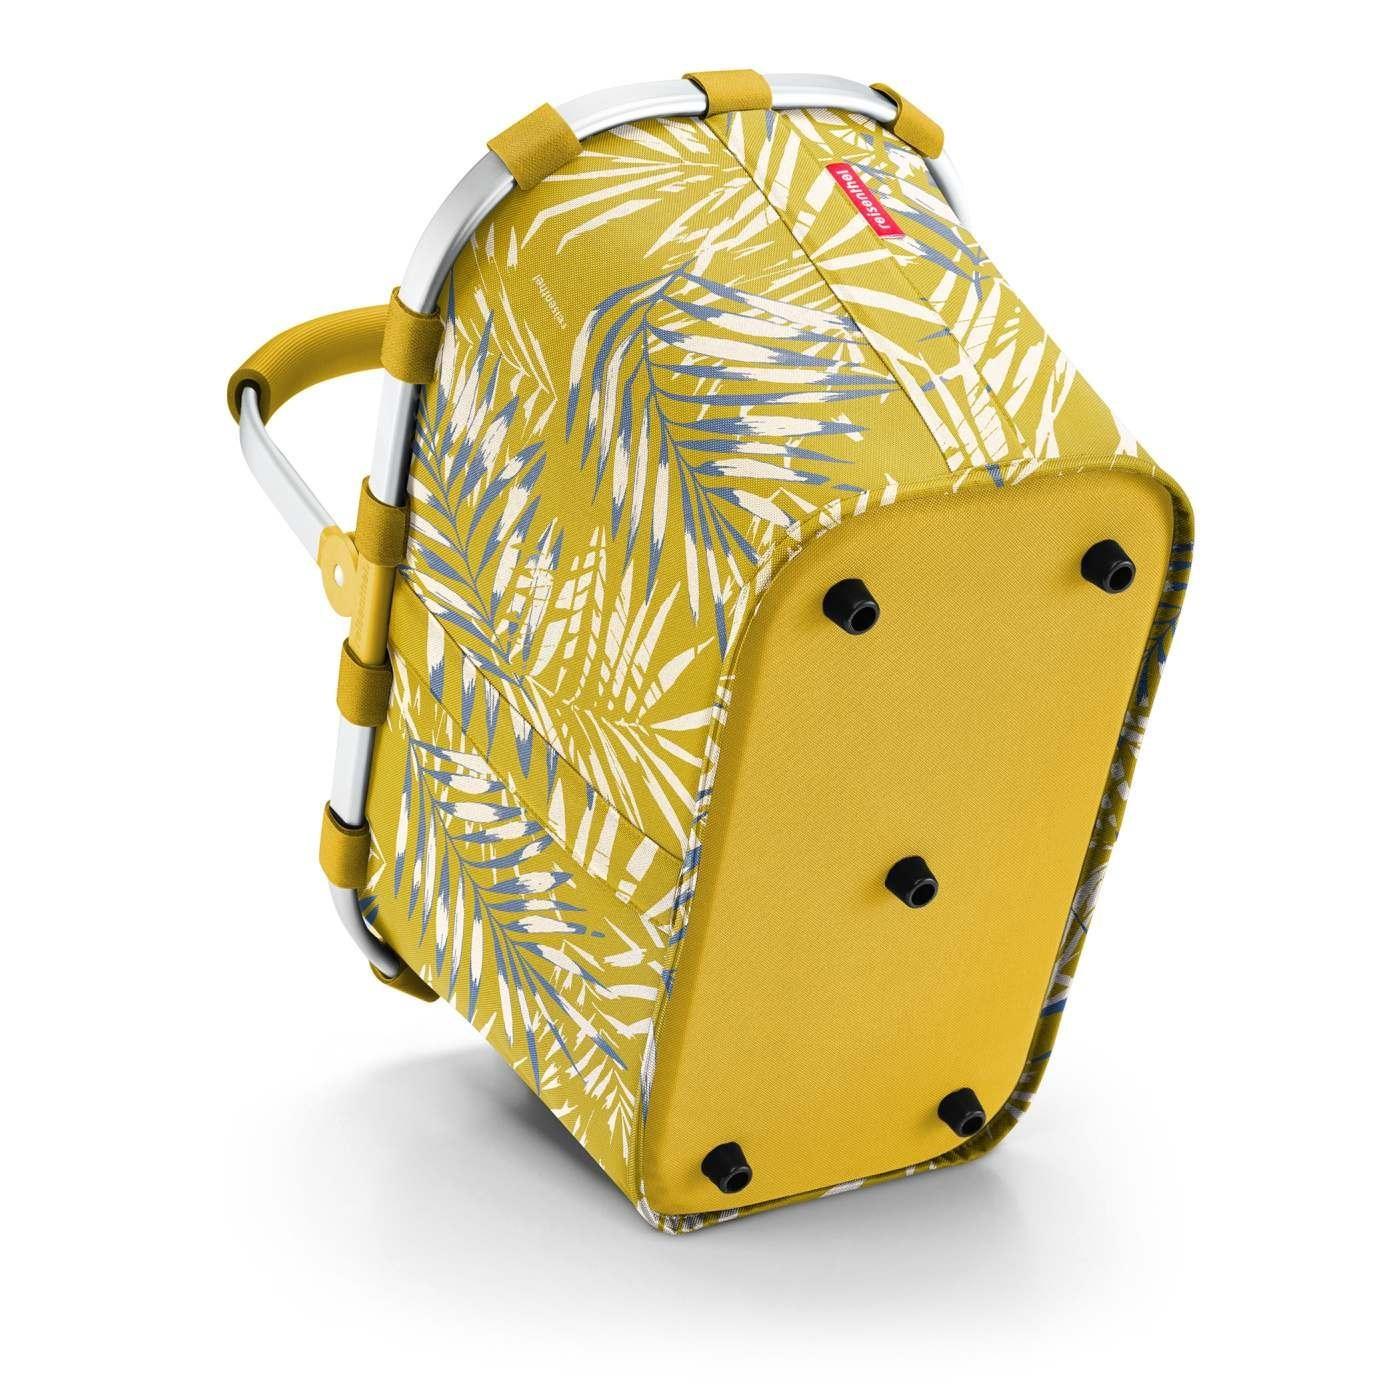 Nákupní košík Carrybag jungle curry_2